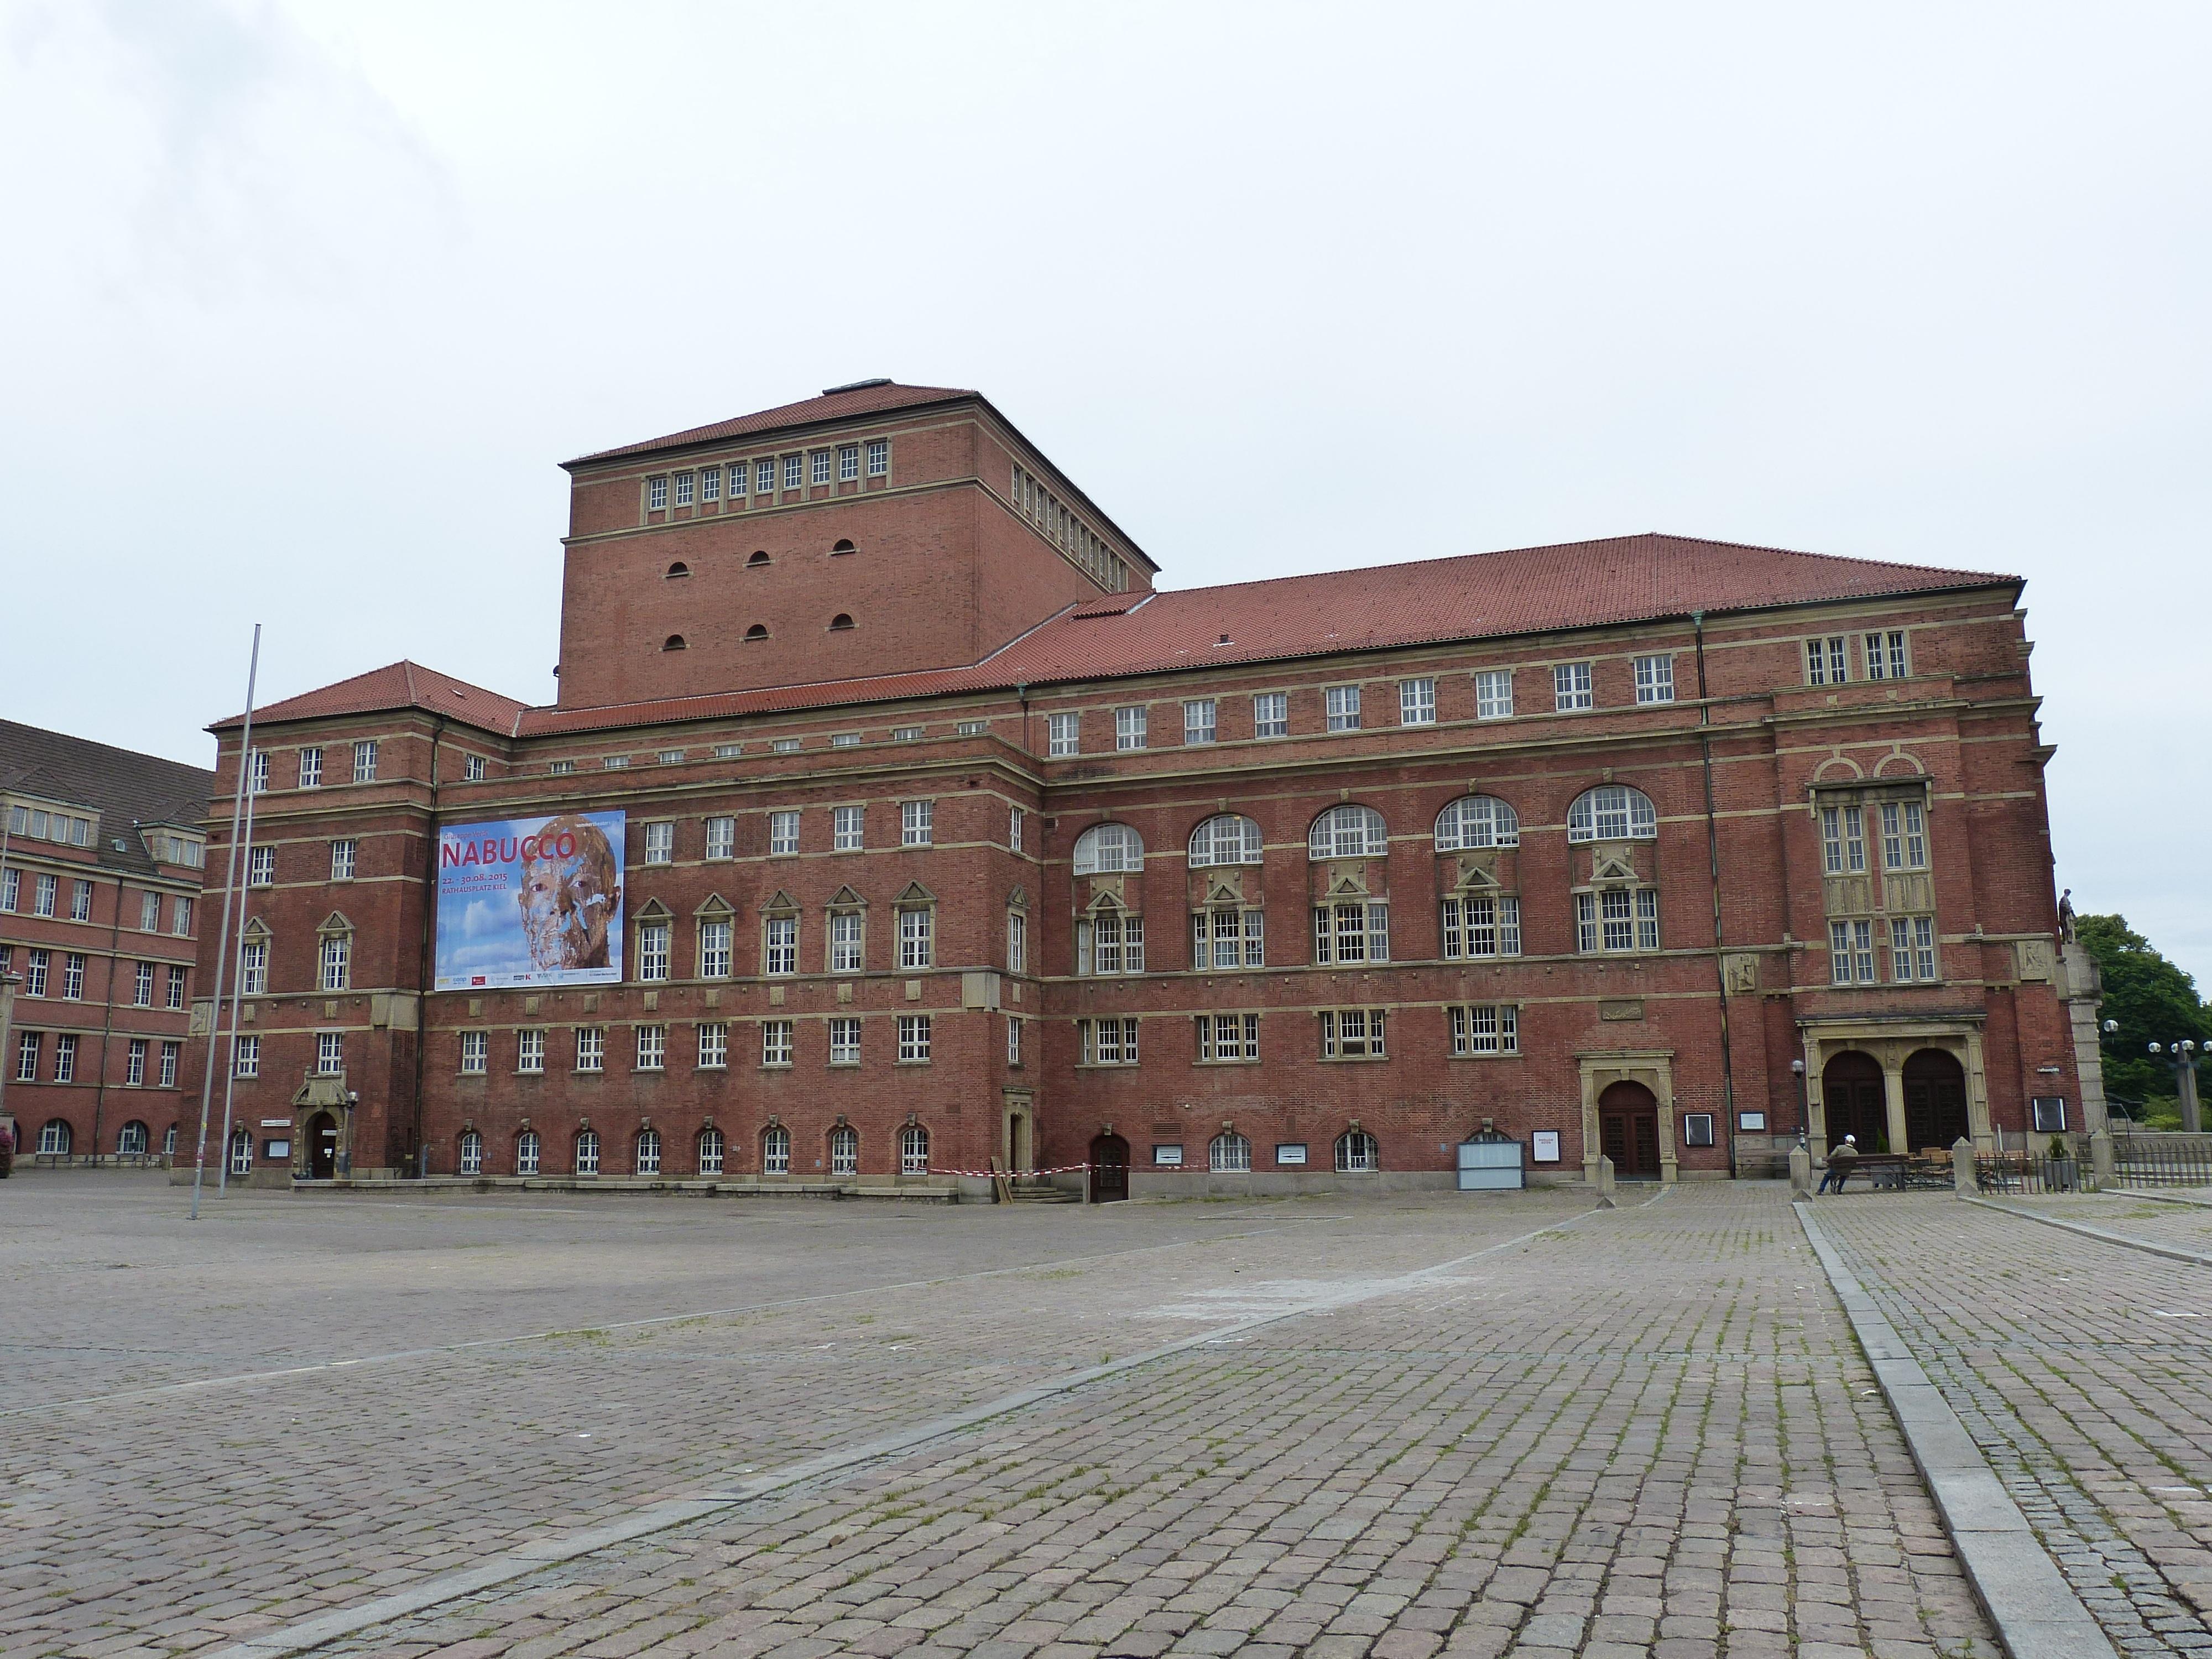 Kiel Architektur kostenlose foto die architektur stadt gebäude palast